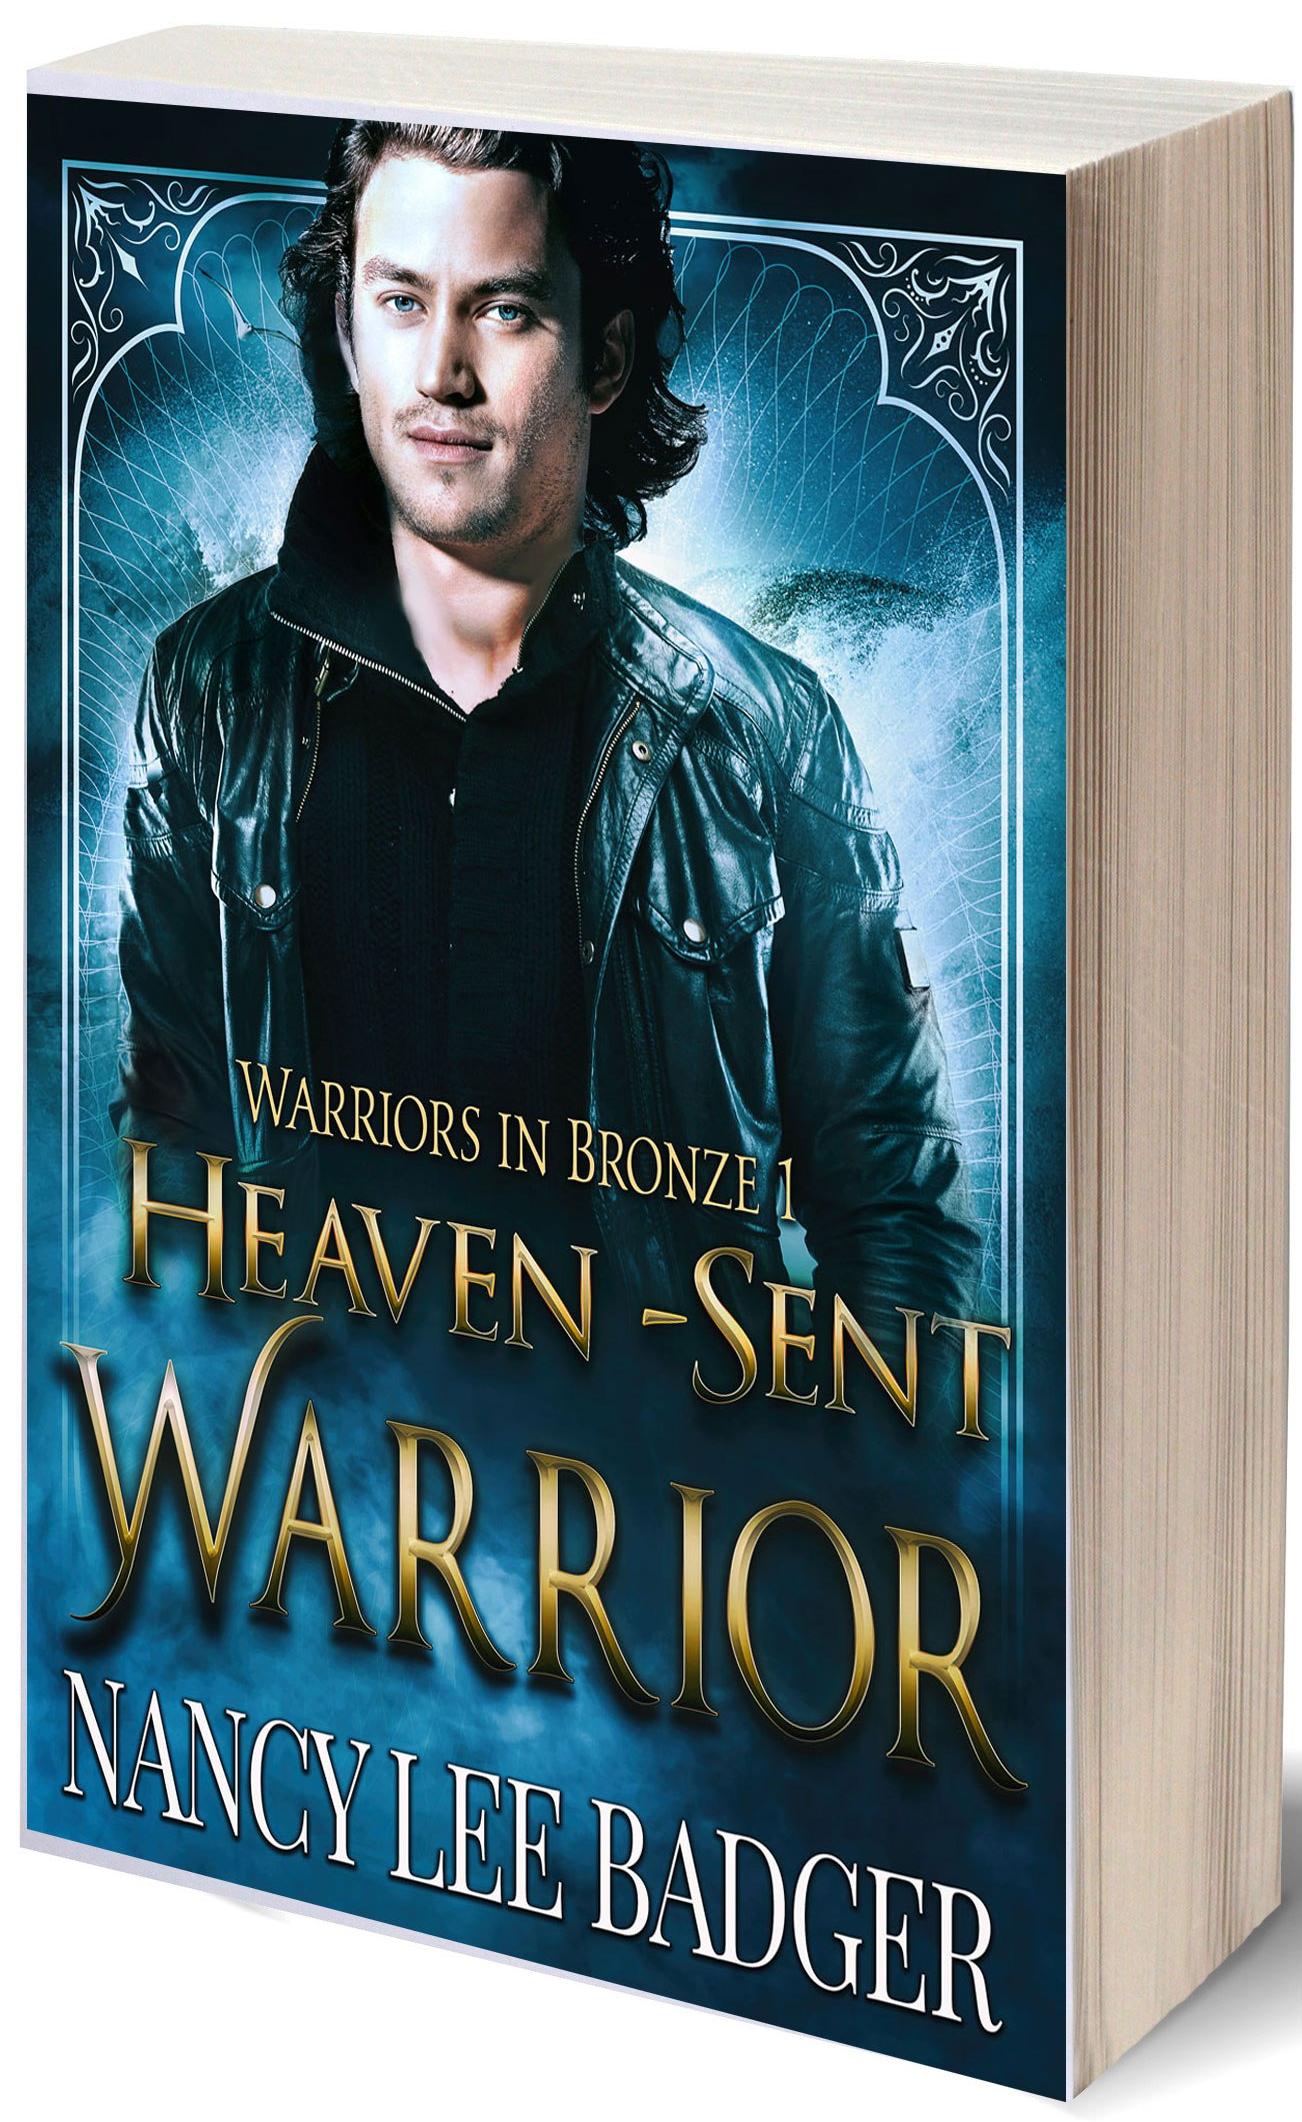 Heaven-sent Warrior